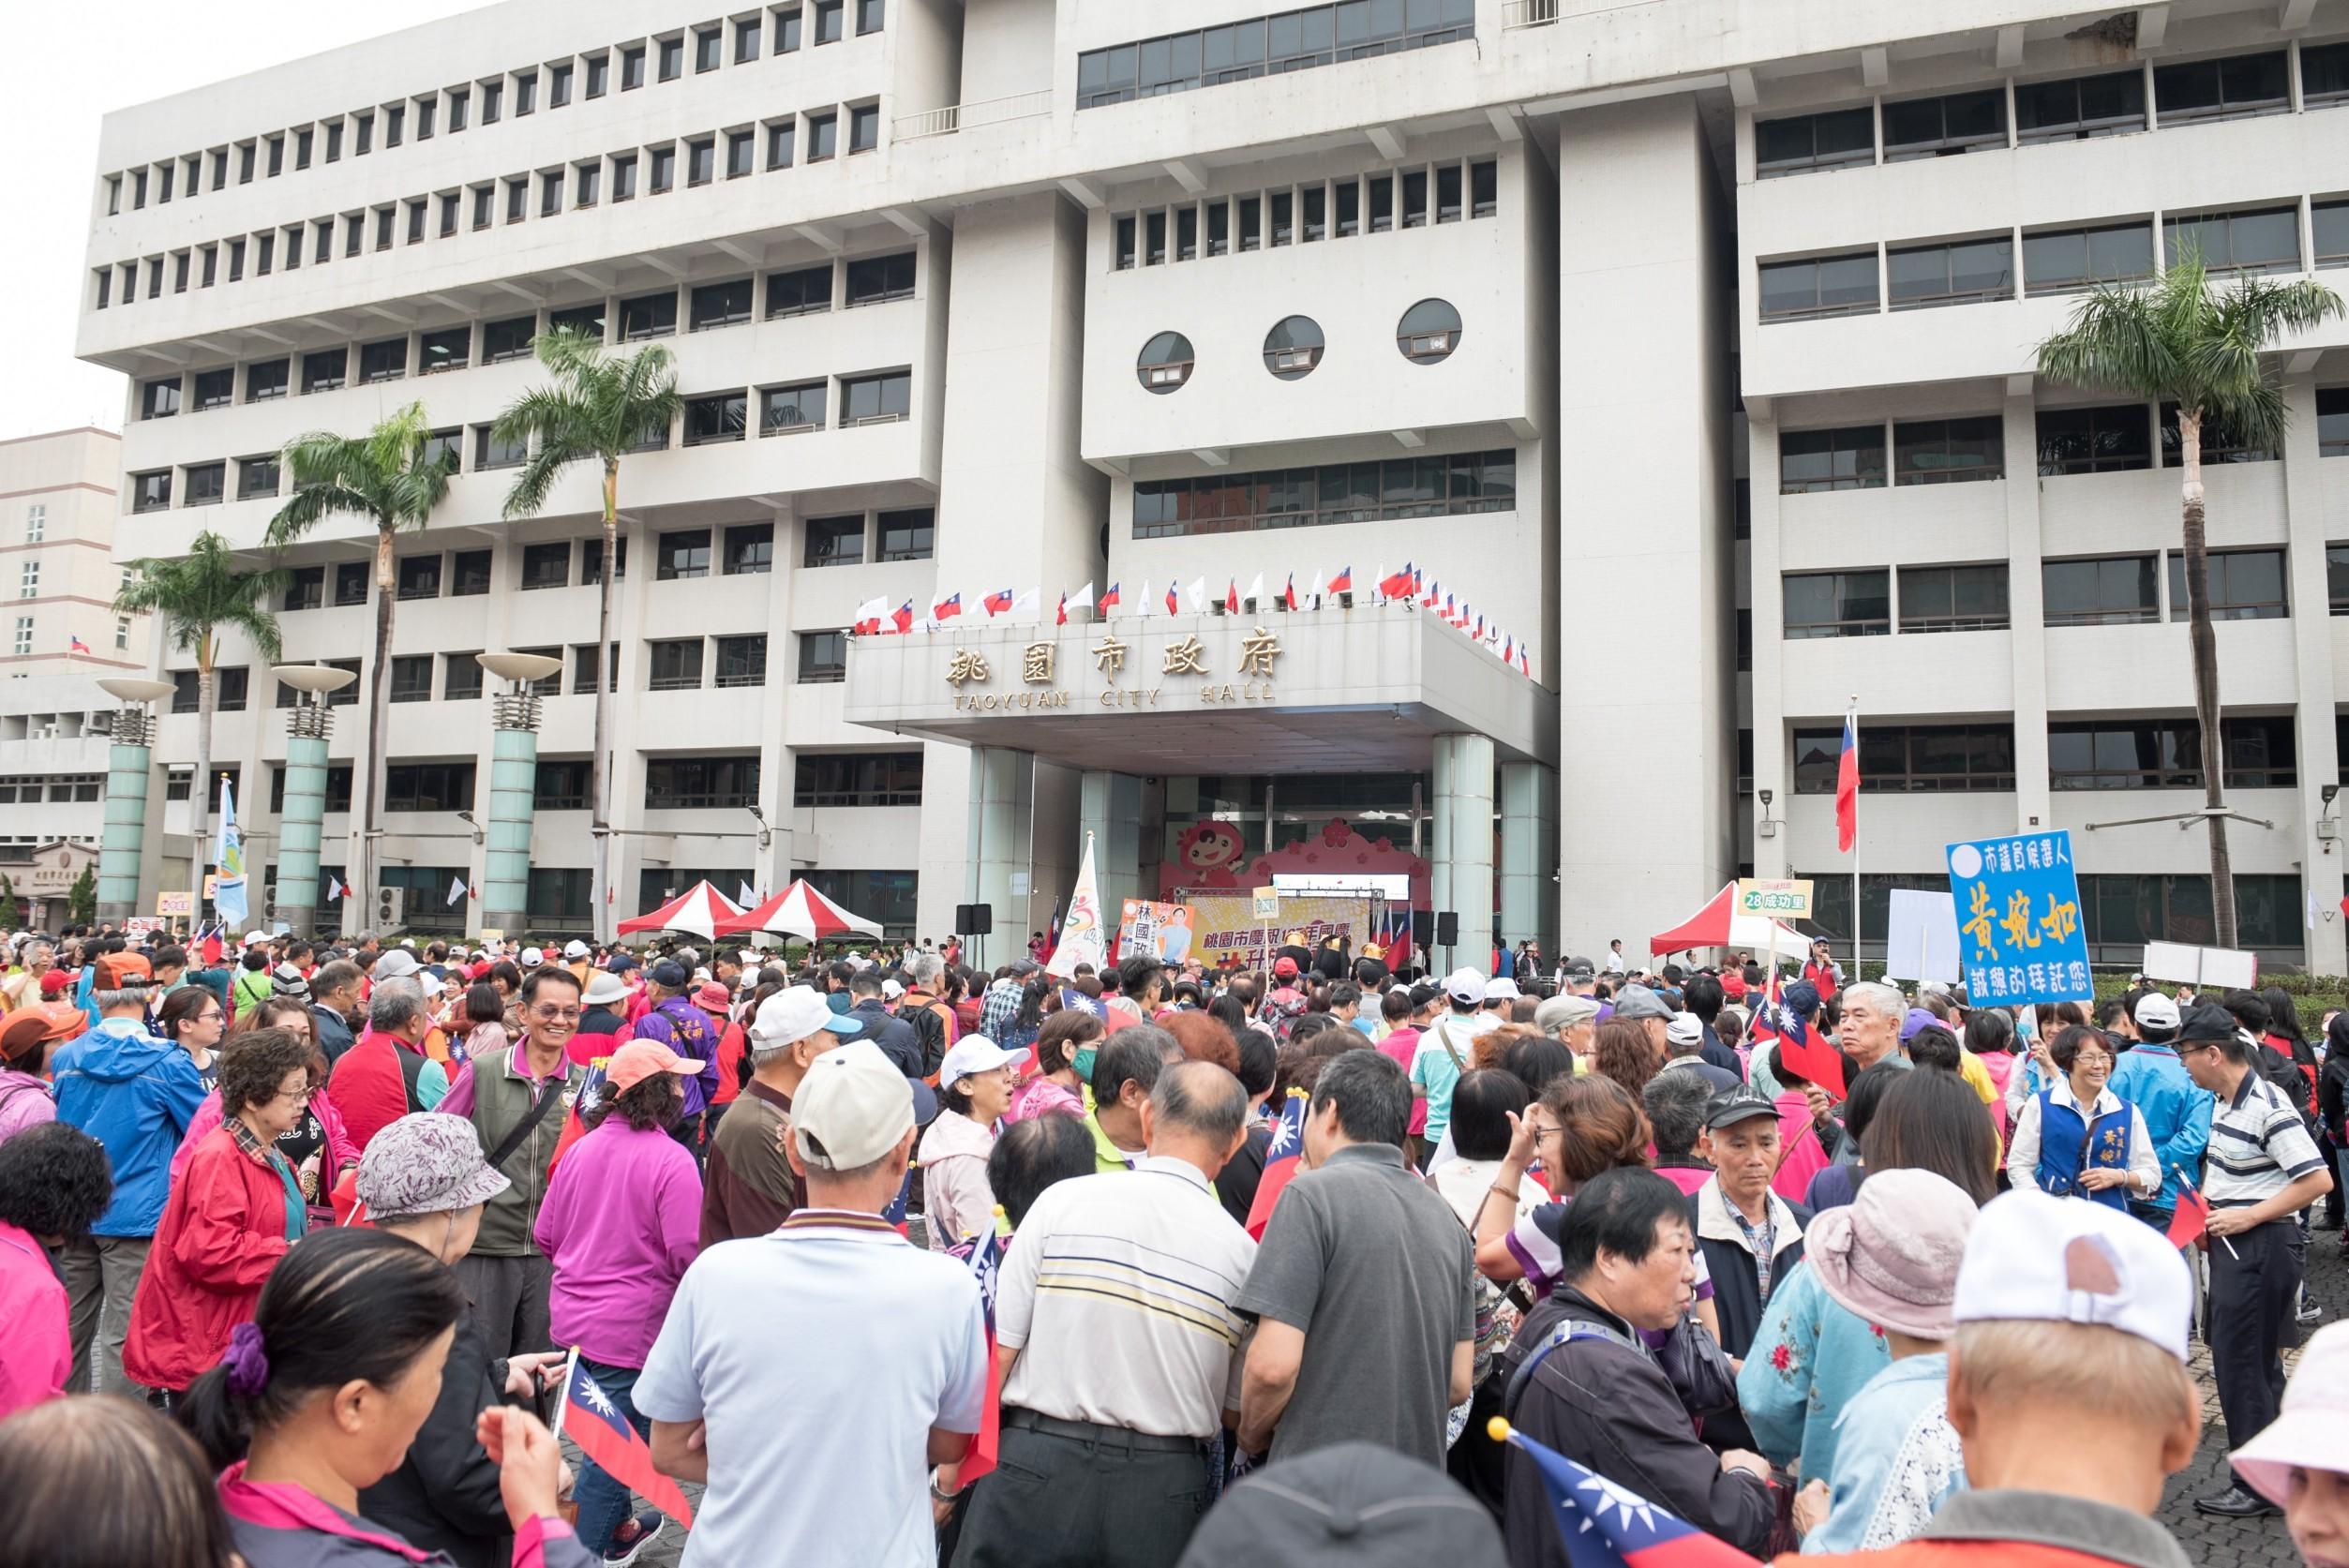 市府前廣場吸引眾多市民朋友前來參加國慶升旗典禮